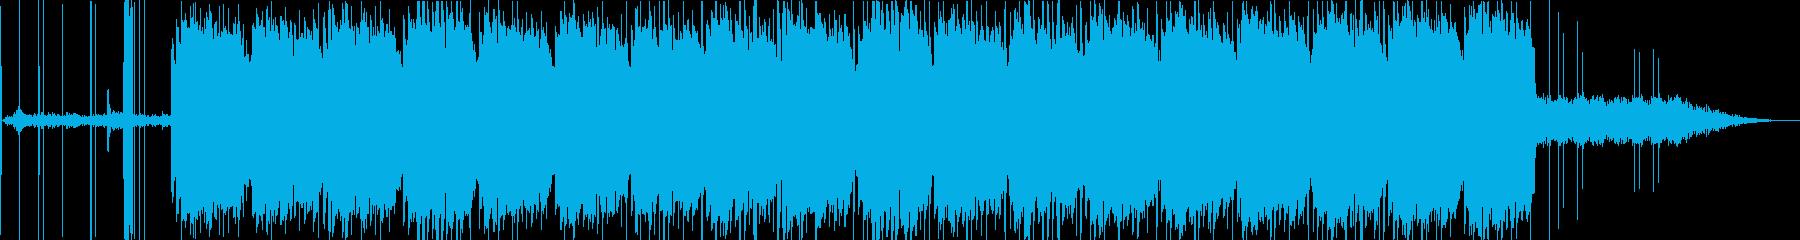 深海や宇宙な感じのエレピとノイズの再生済みの波形